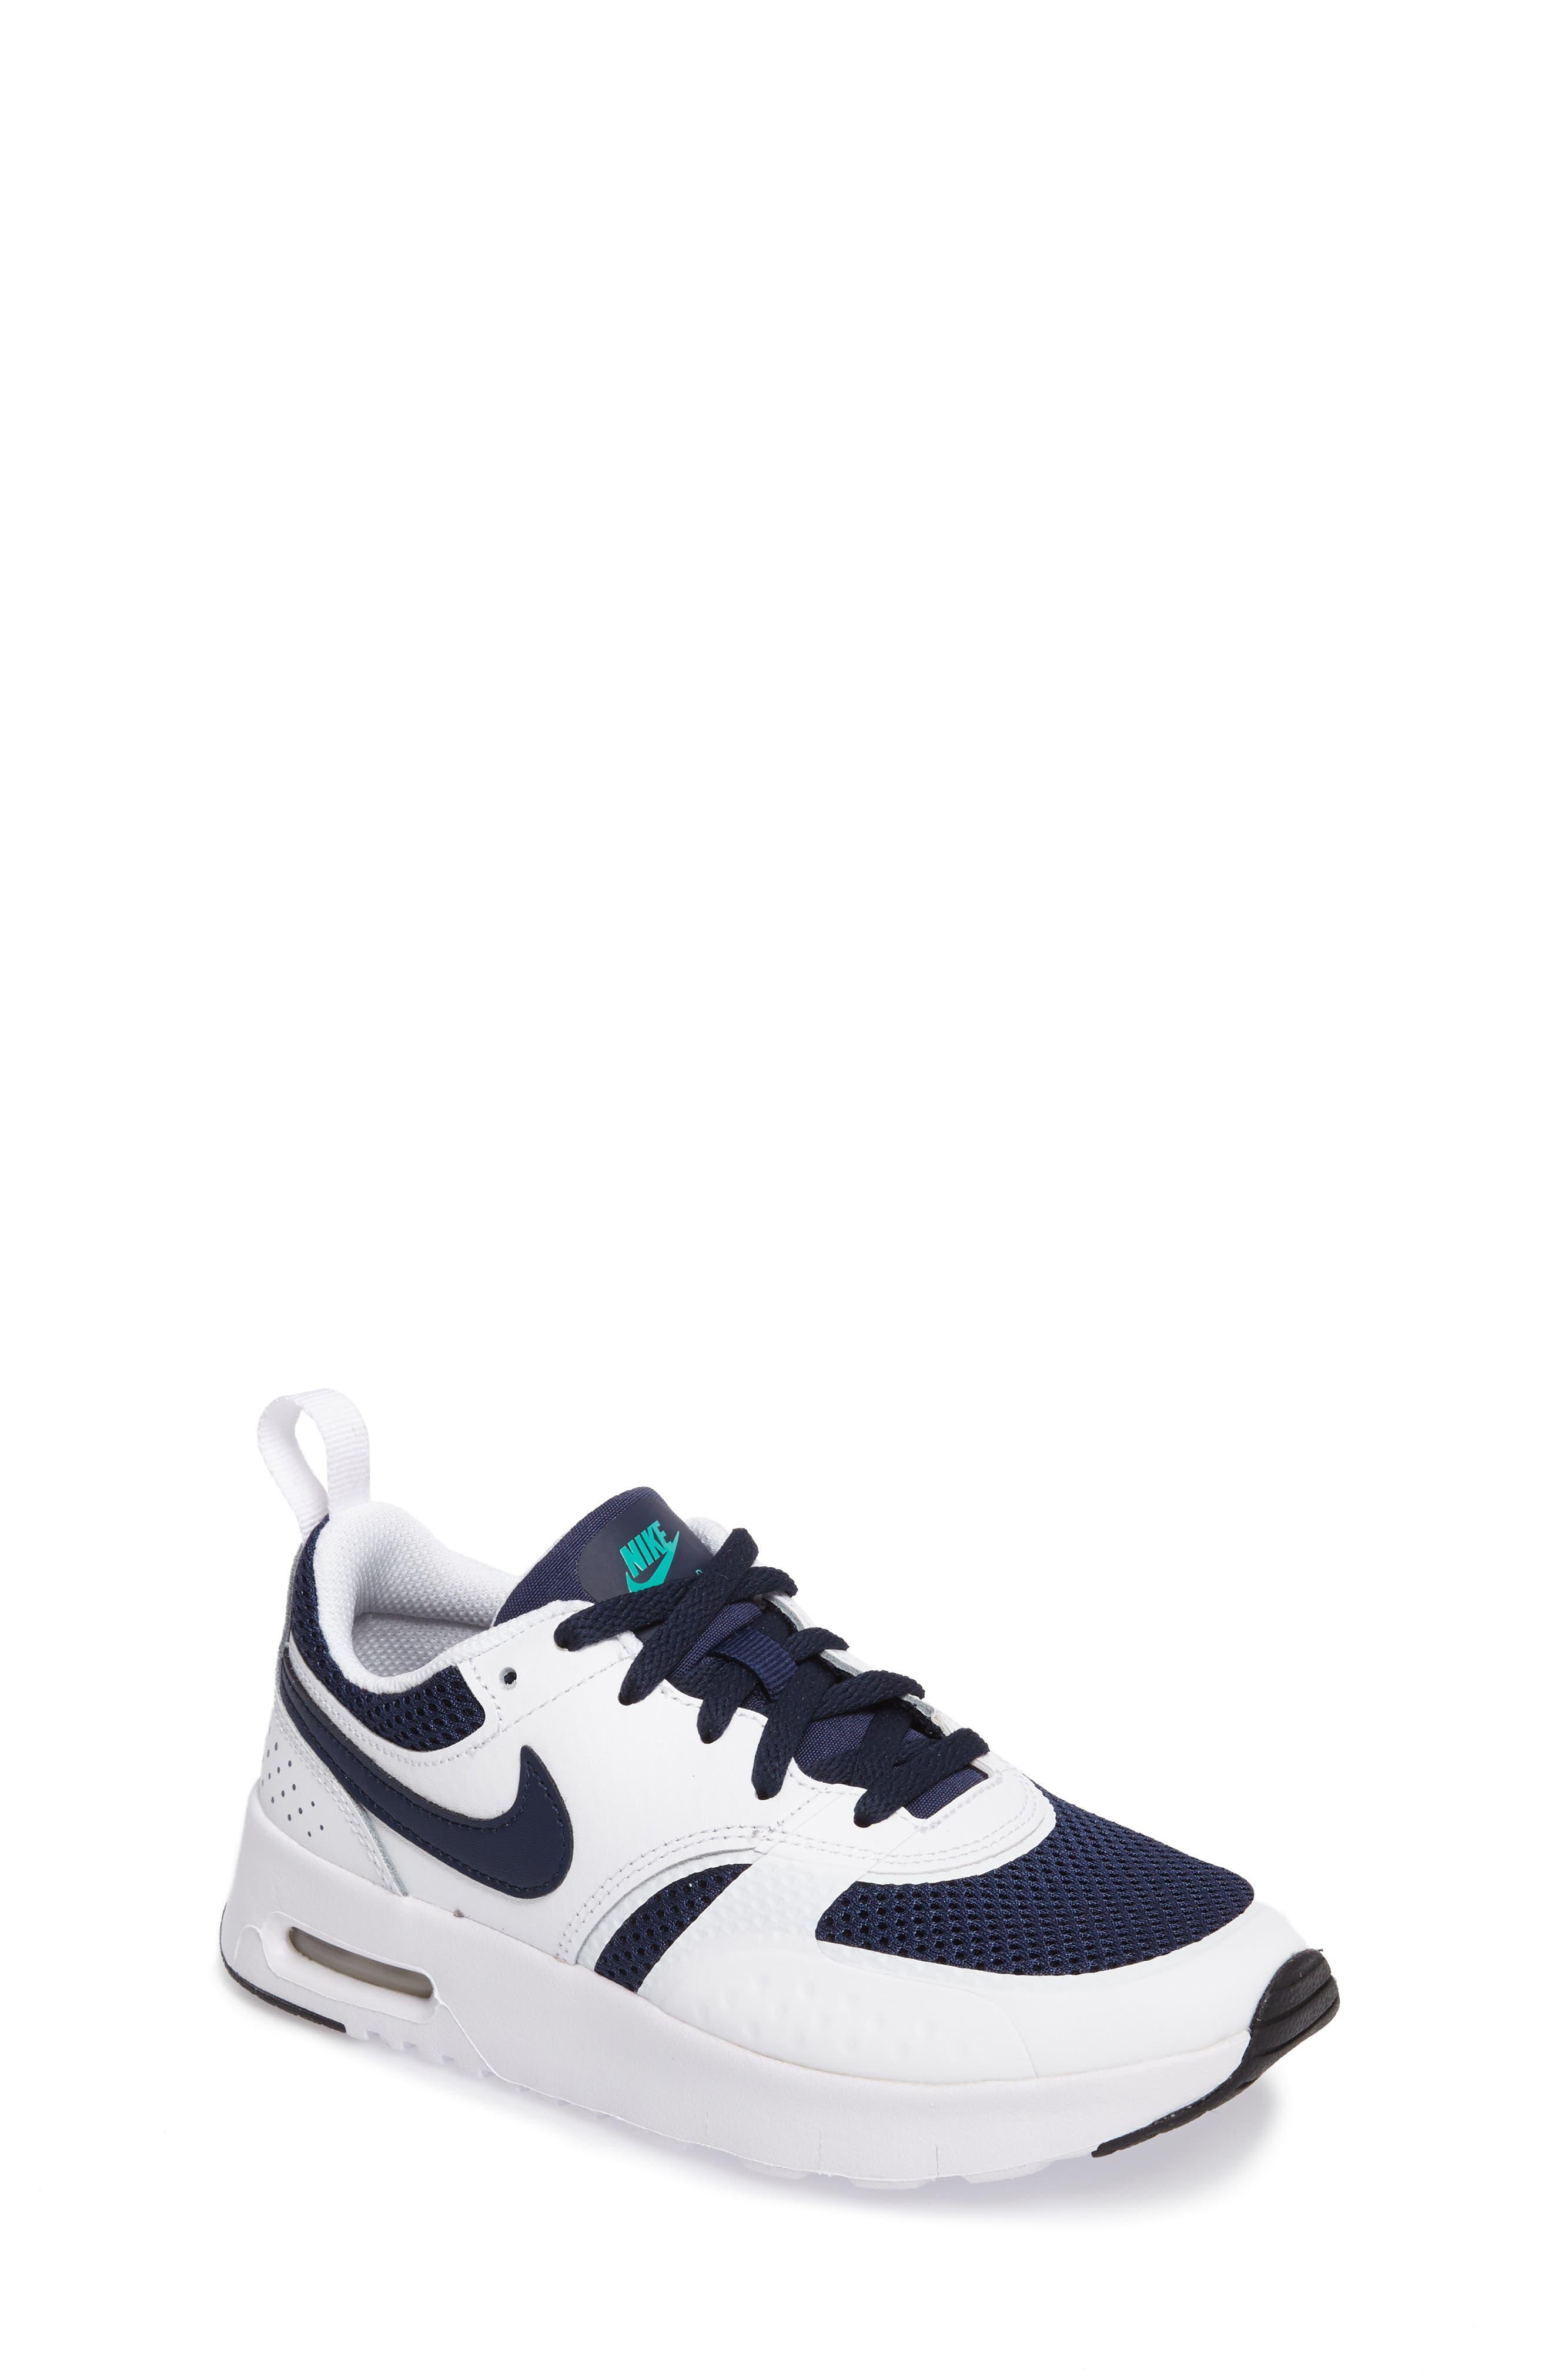 NIKE Air Max Vision Sneaker